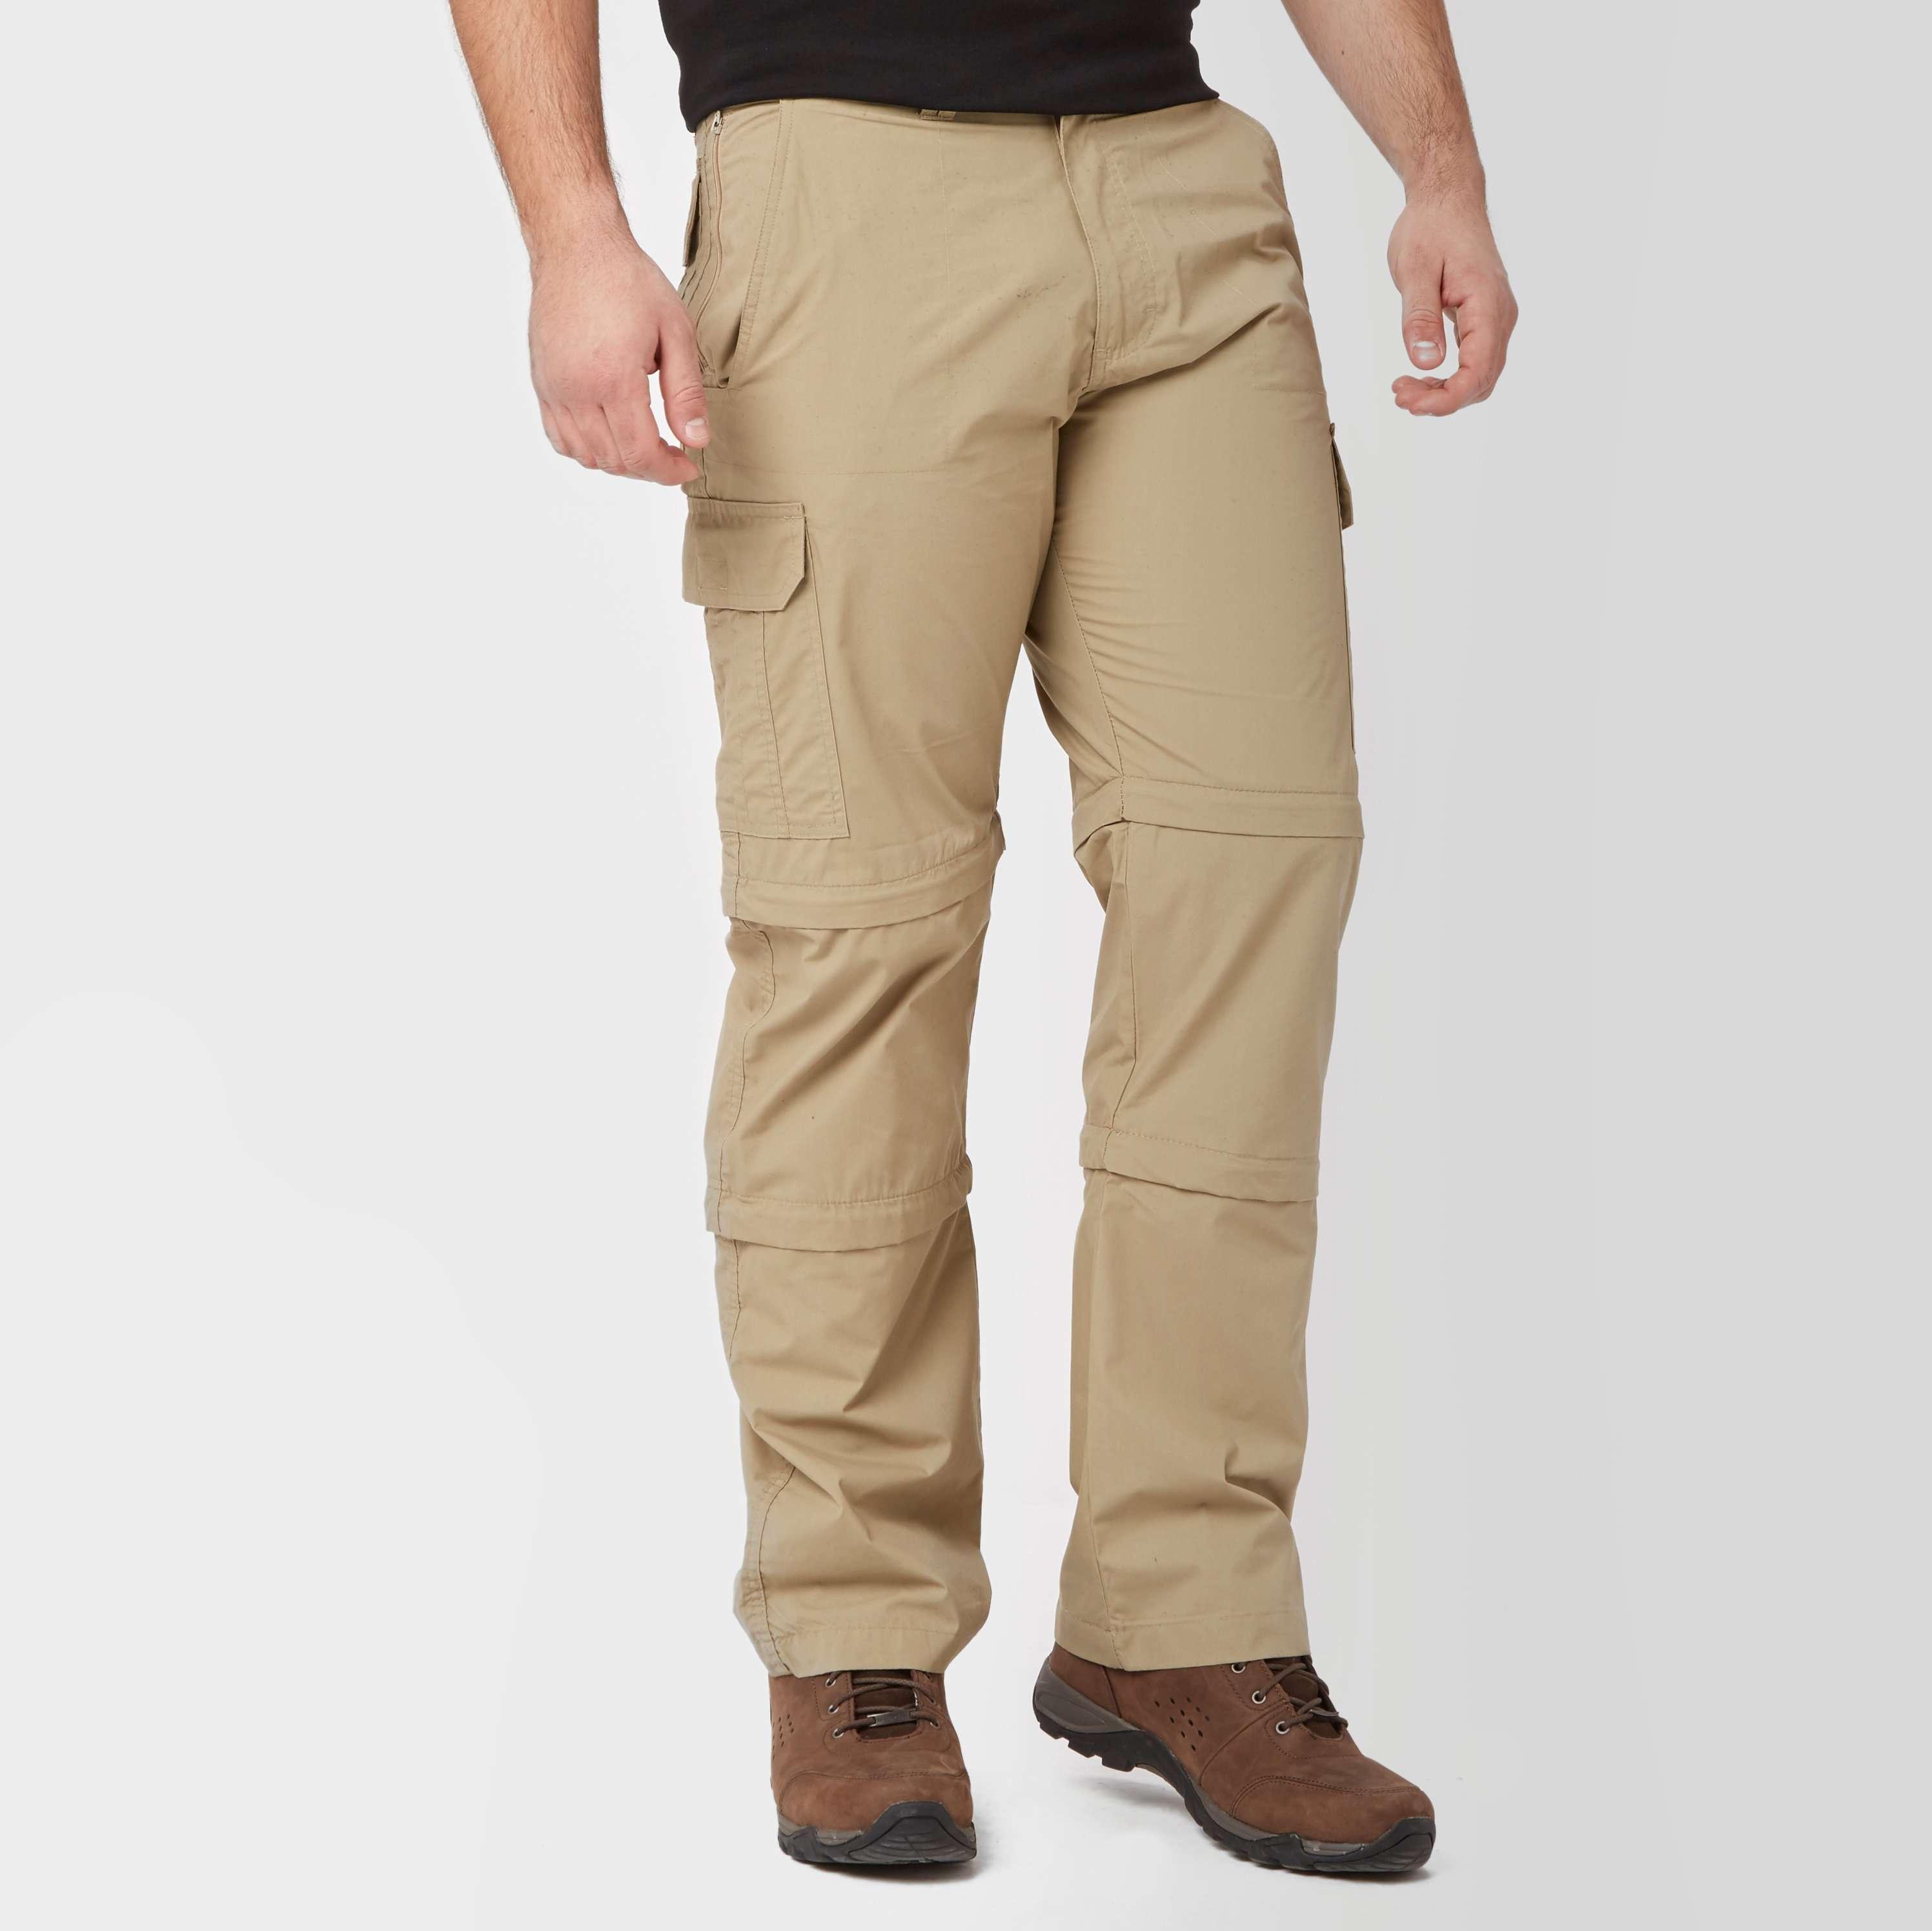 PETER STORM Men's Ramble Double Zip-Off Trousers (Regular)